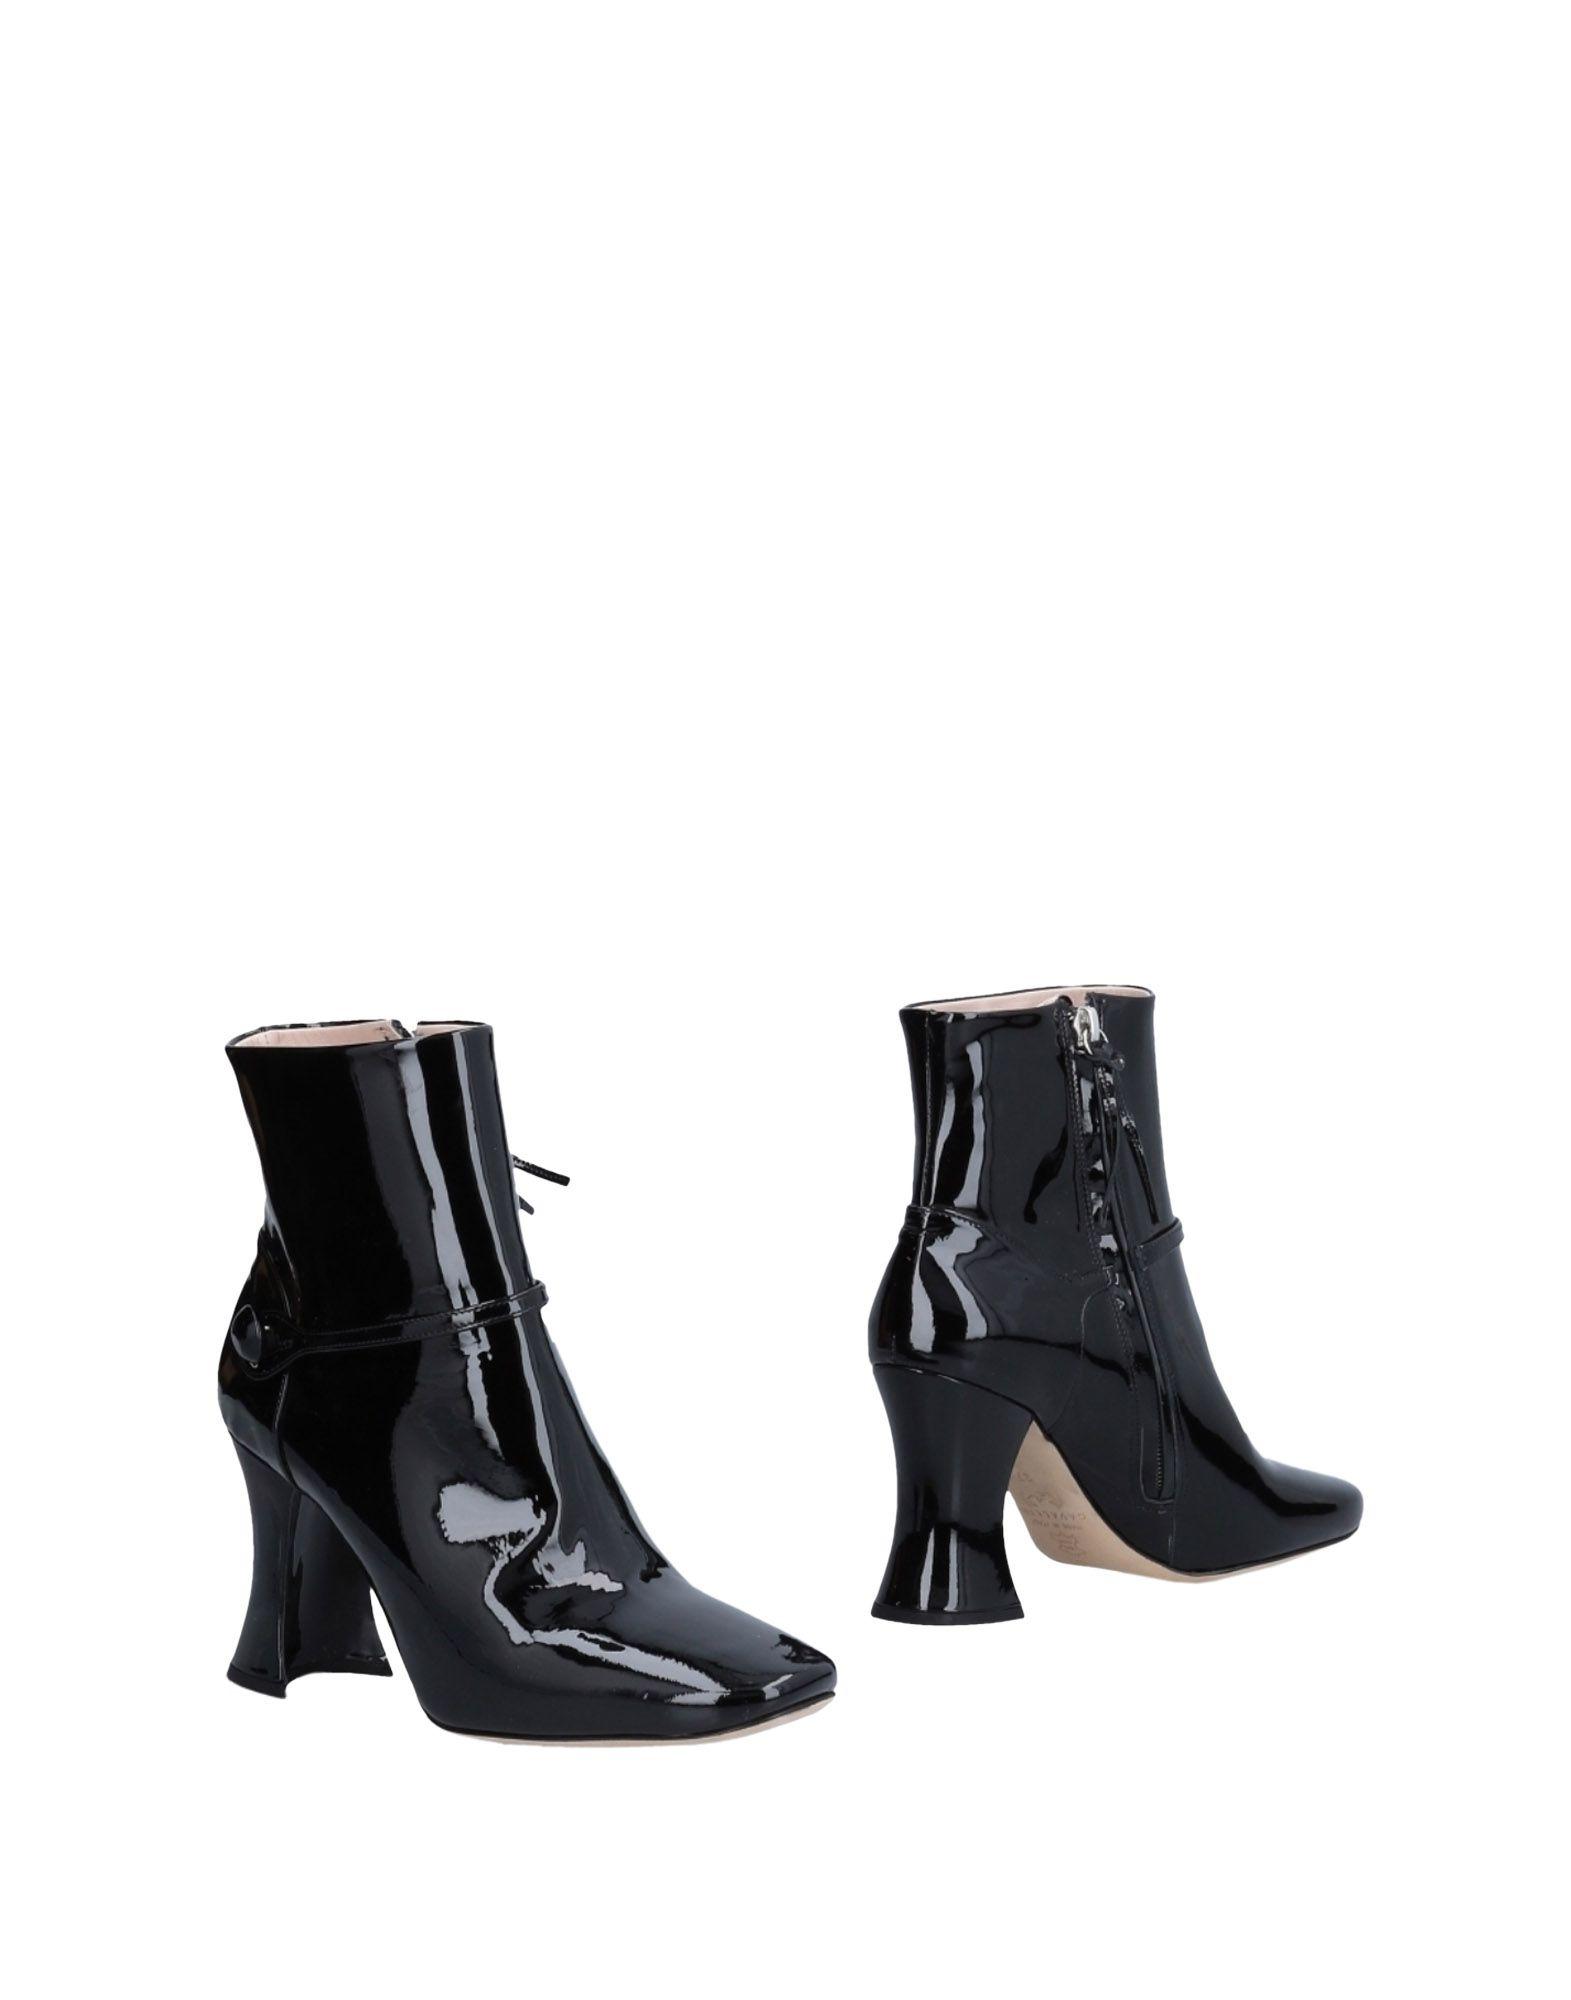 Sneakers Nike Uomo - 11234898SC Scarpe economiche e buone